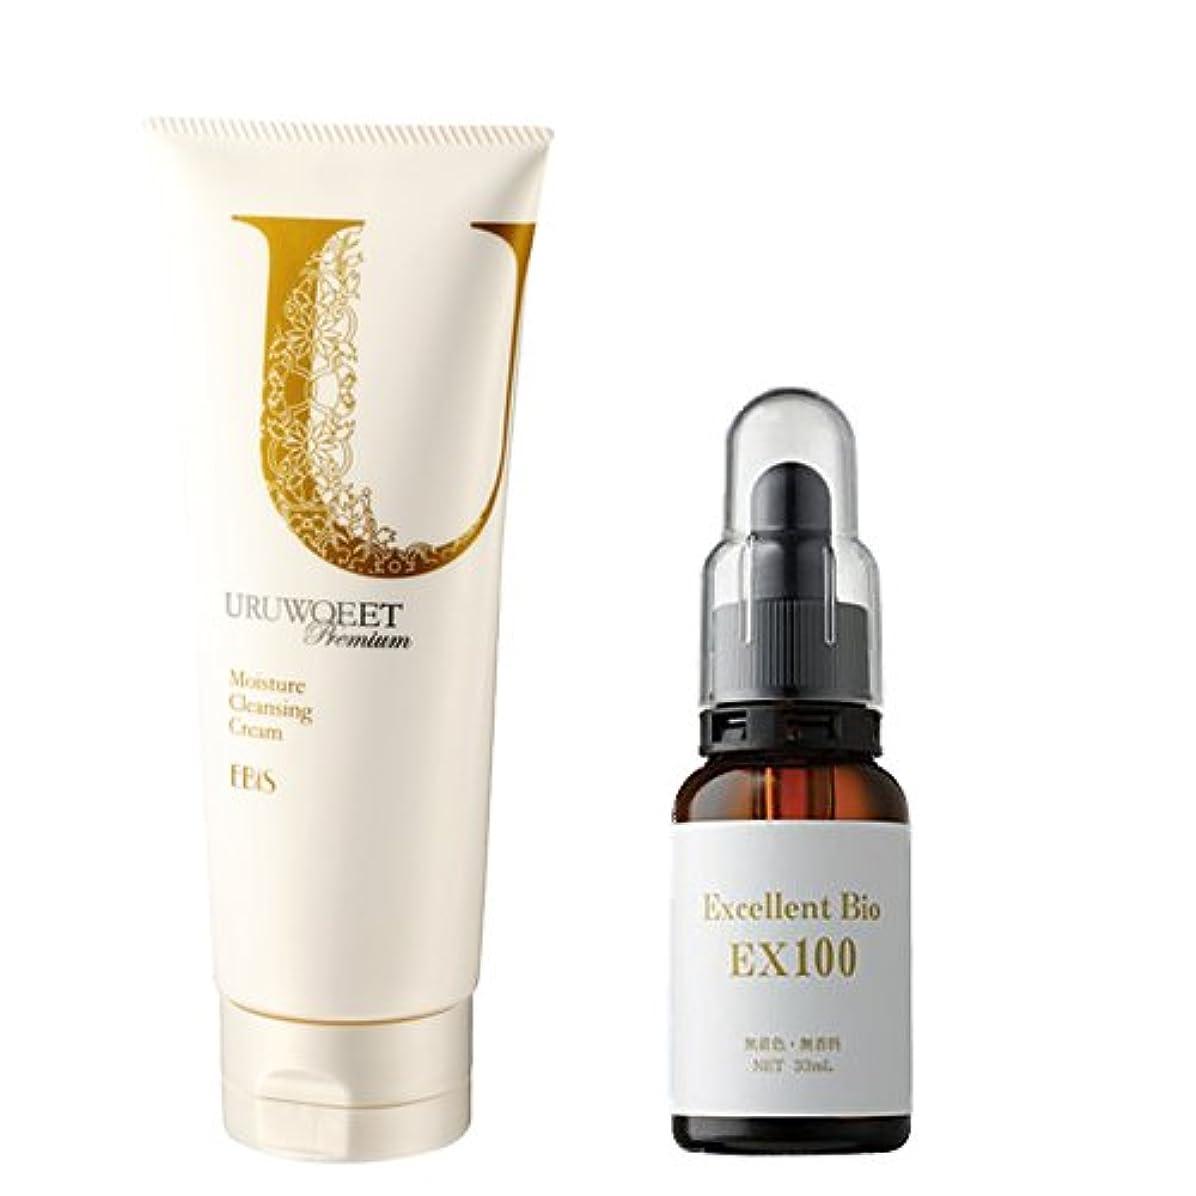 好む修正するアルカイックエビス化粧品(EBiS) モイスチャークレンジングクリーム & エクセレントバイオEX100 (33ml)クレンジング W洗顔